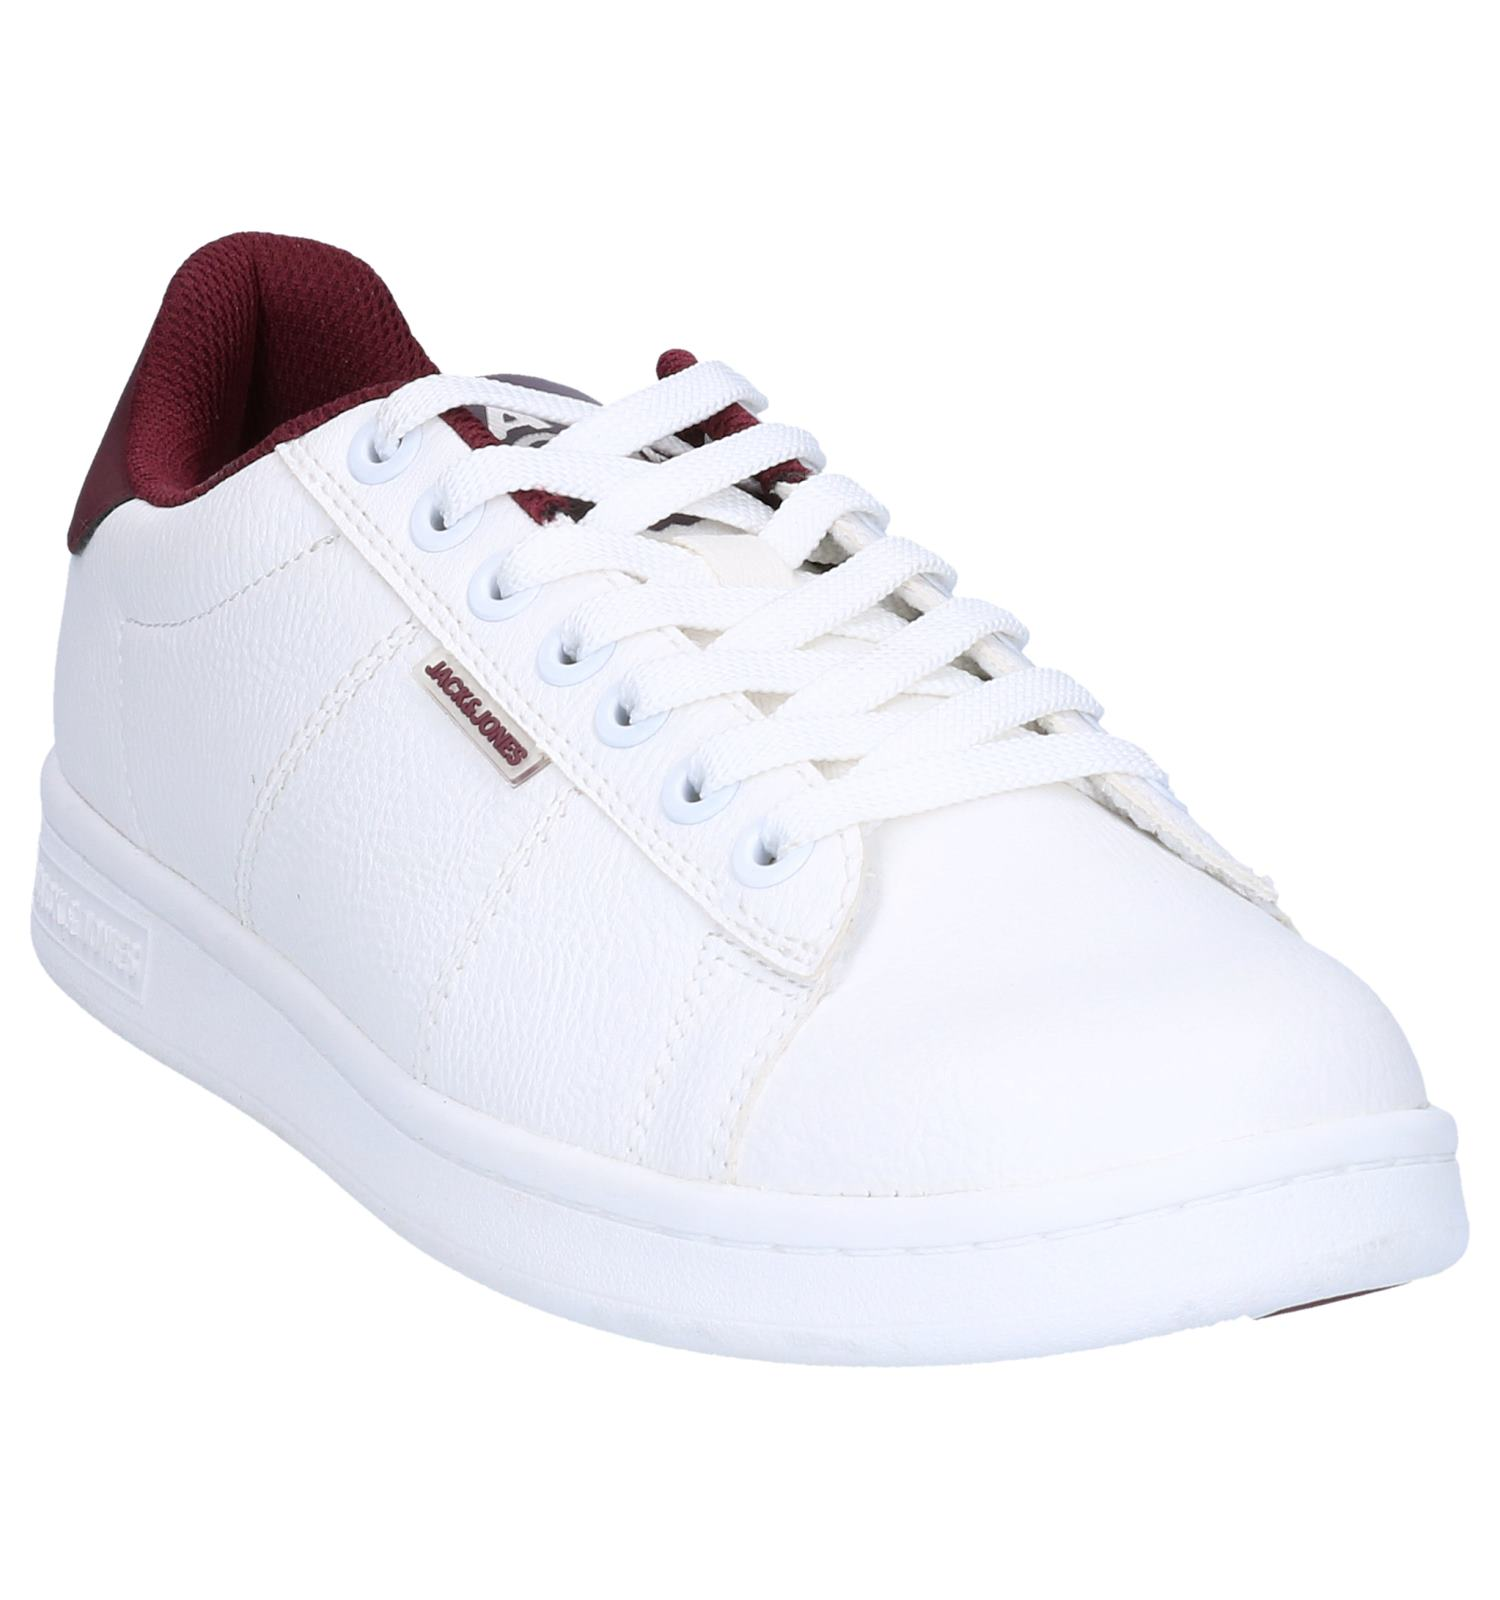 Sneakers Jones Bane Jackamp; Witte Pu 9DWE2IH